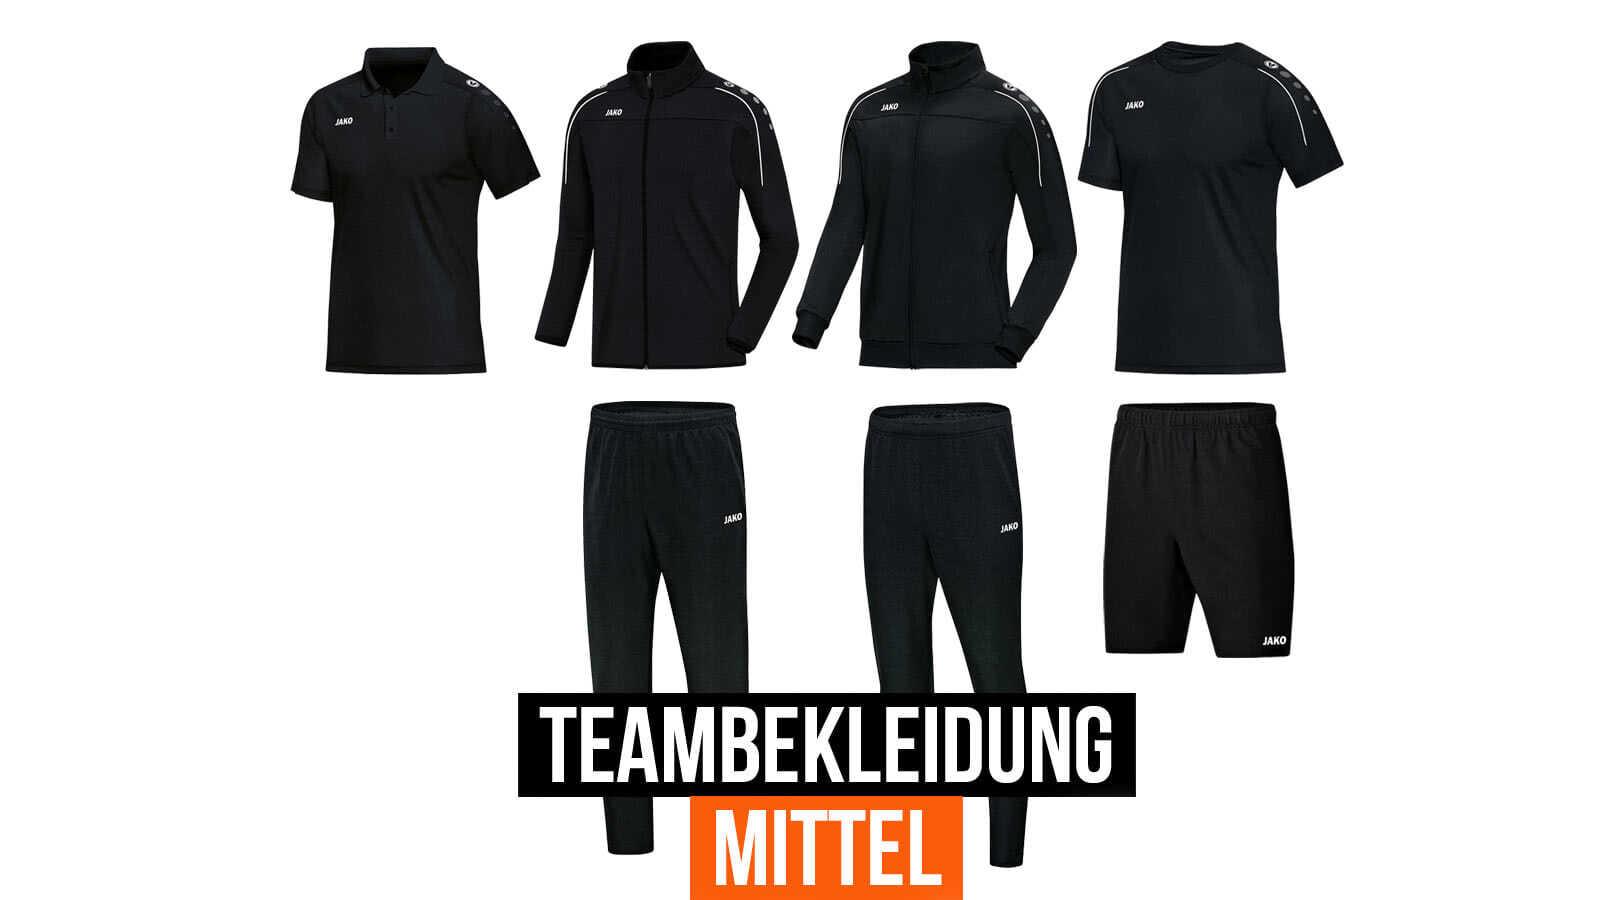 Die Teambekleidung Mittel mit Trainingsanzug und T-Shirt